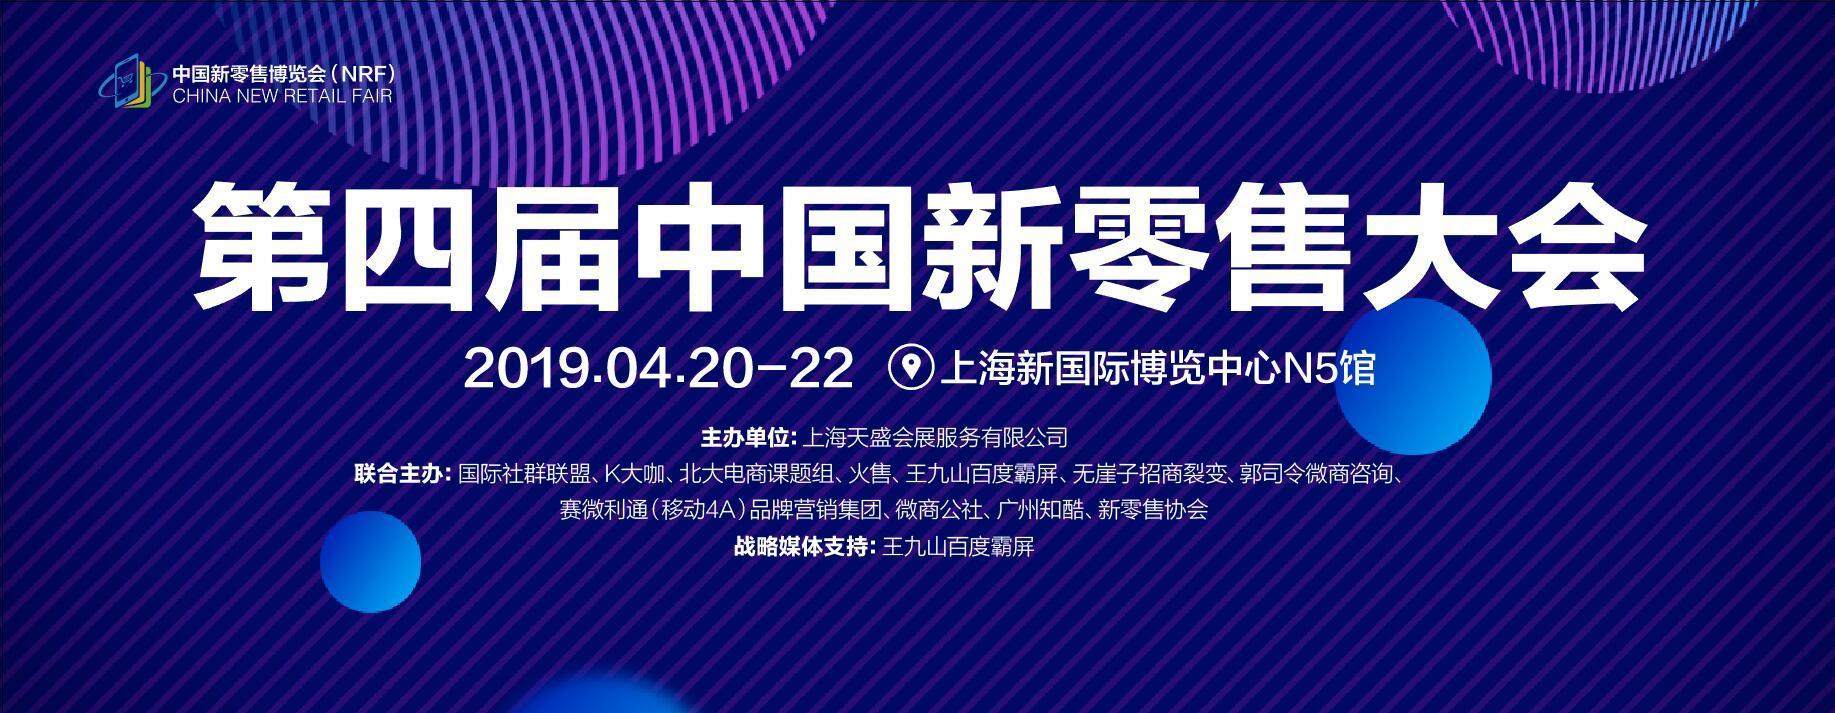 上海新零售皇冠现金官网hg79|官网及社交电商博览会将于 4月20号在沪隆重召开